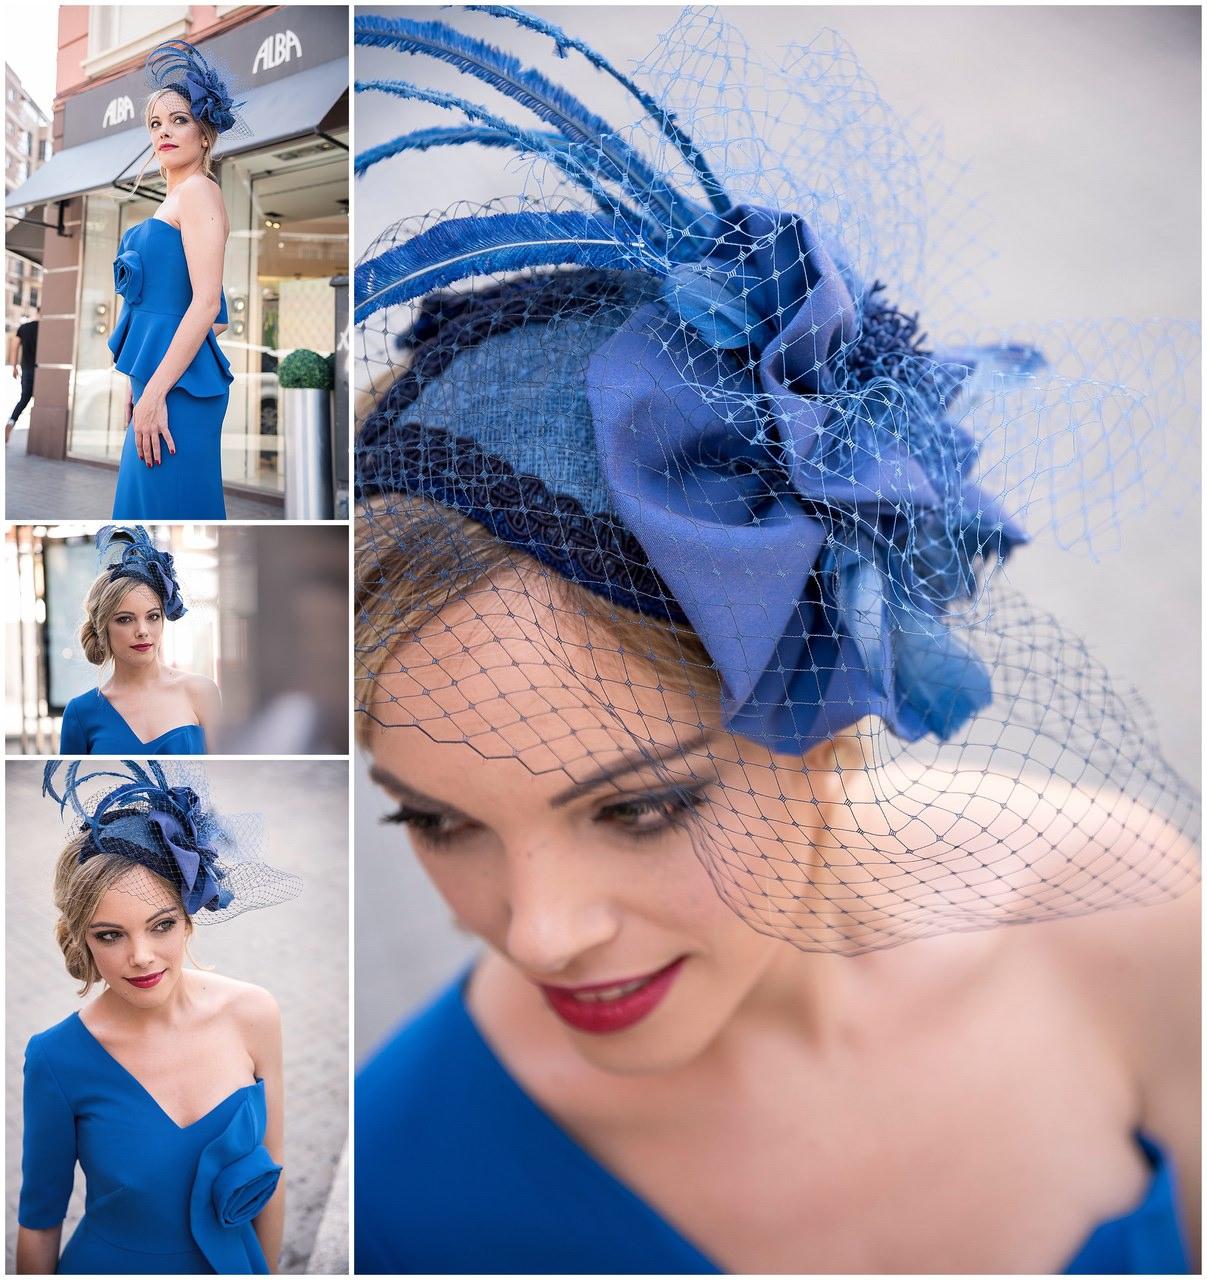 fotografo de moda en valencia, tienda de ropa alba2